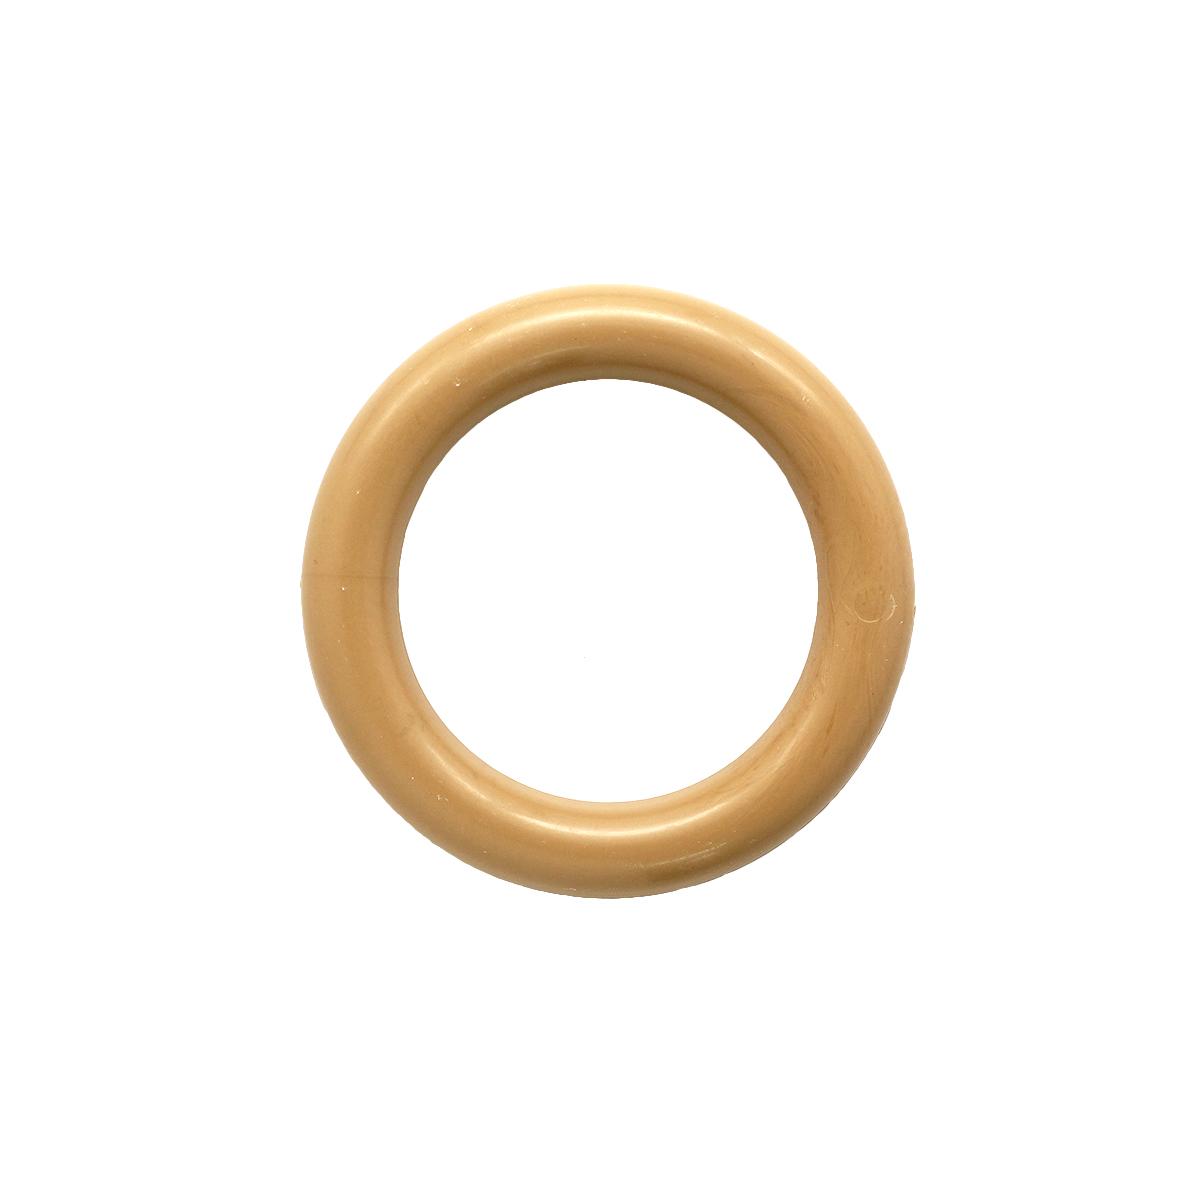 715 Кольцо для карнизов, бежевый, d=55/37 мм, упак./50 шт.